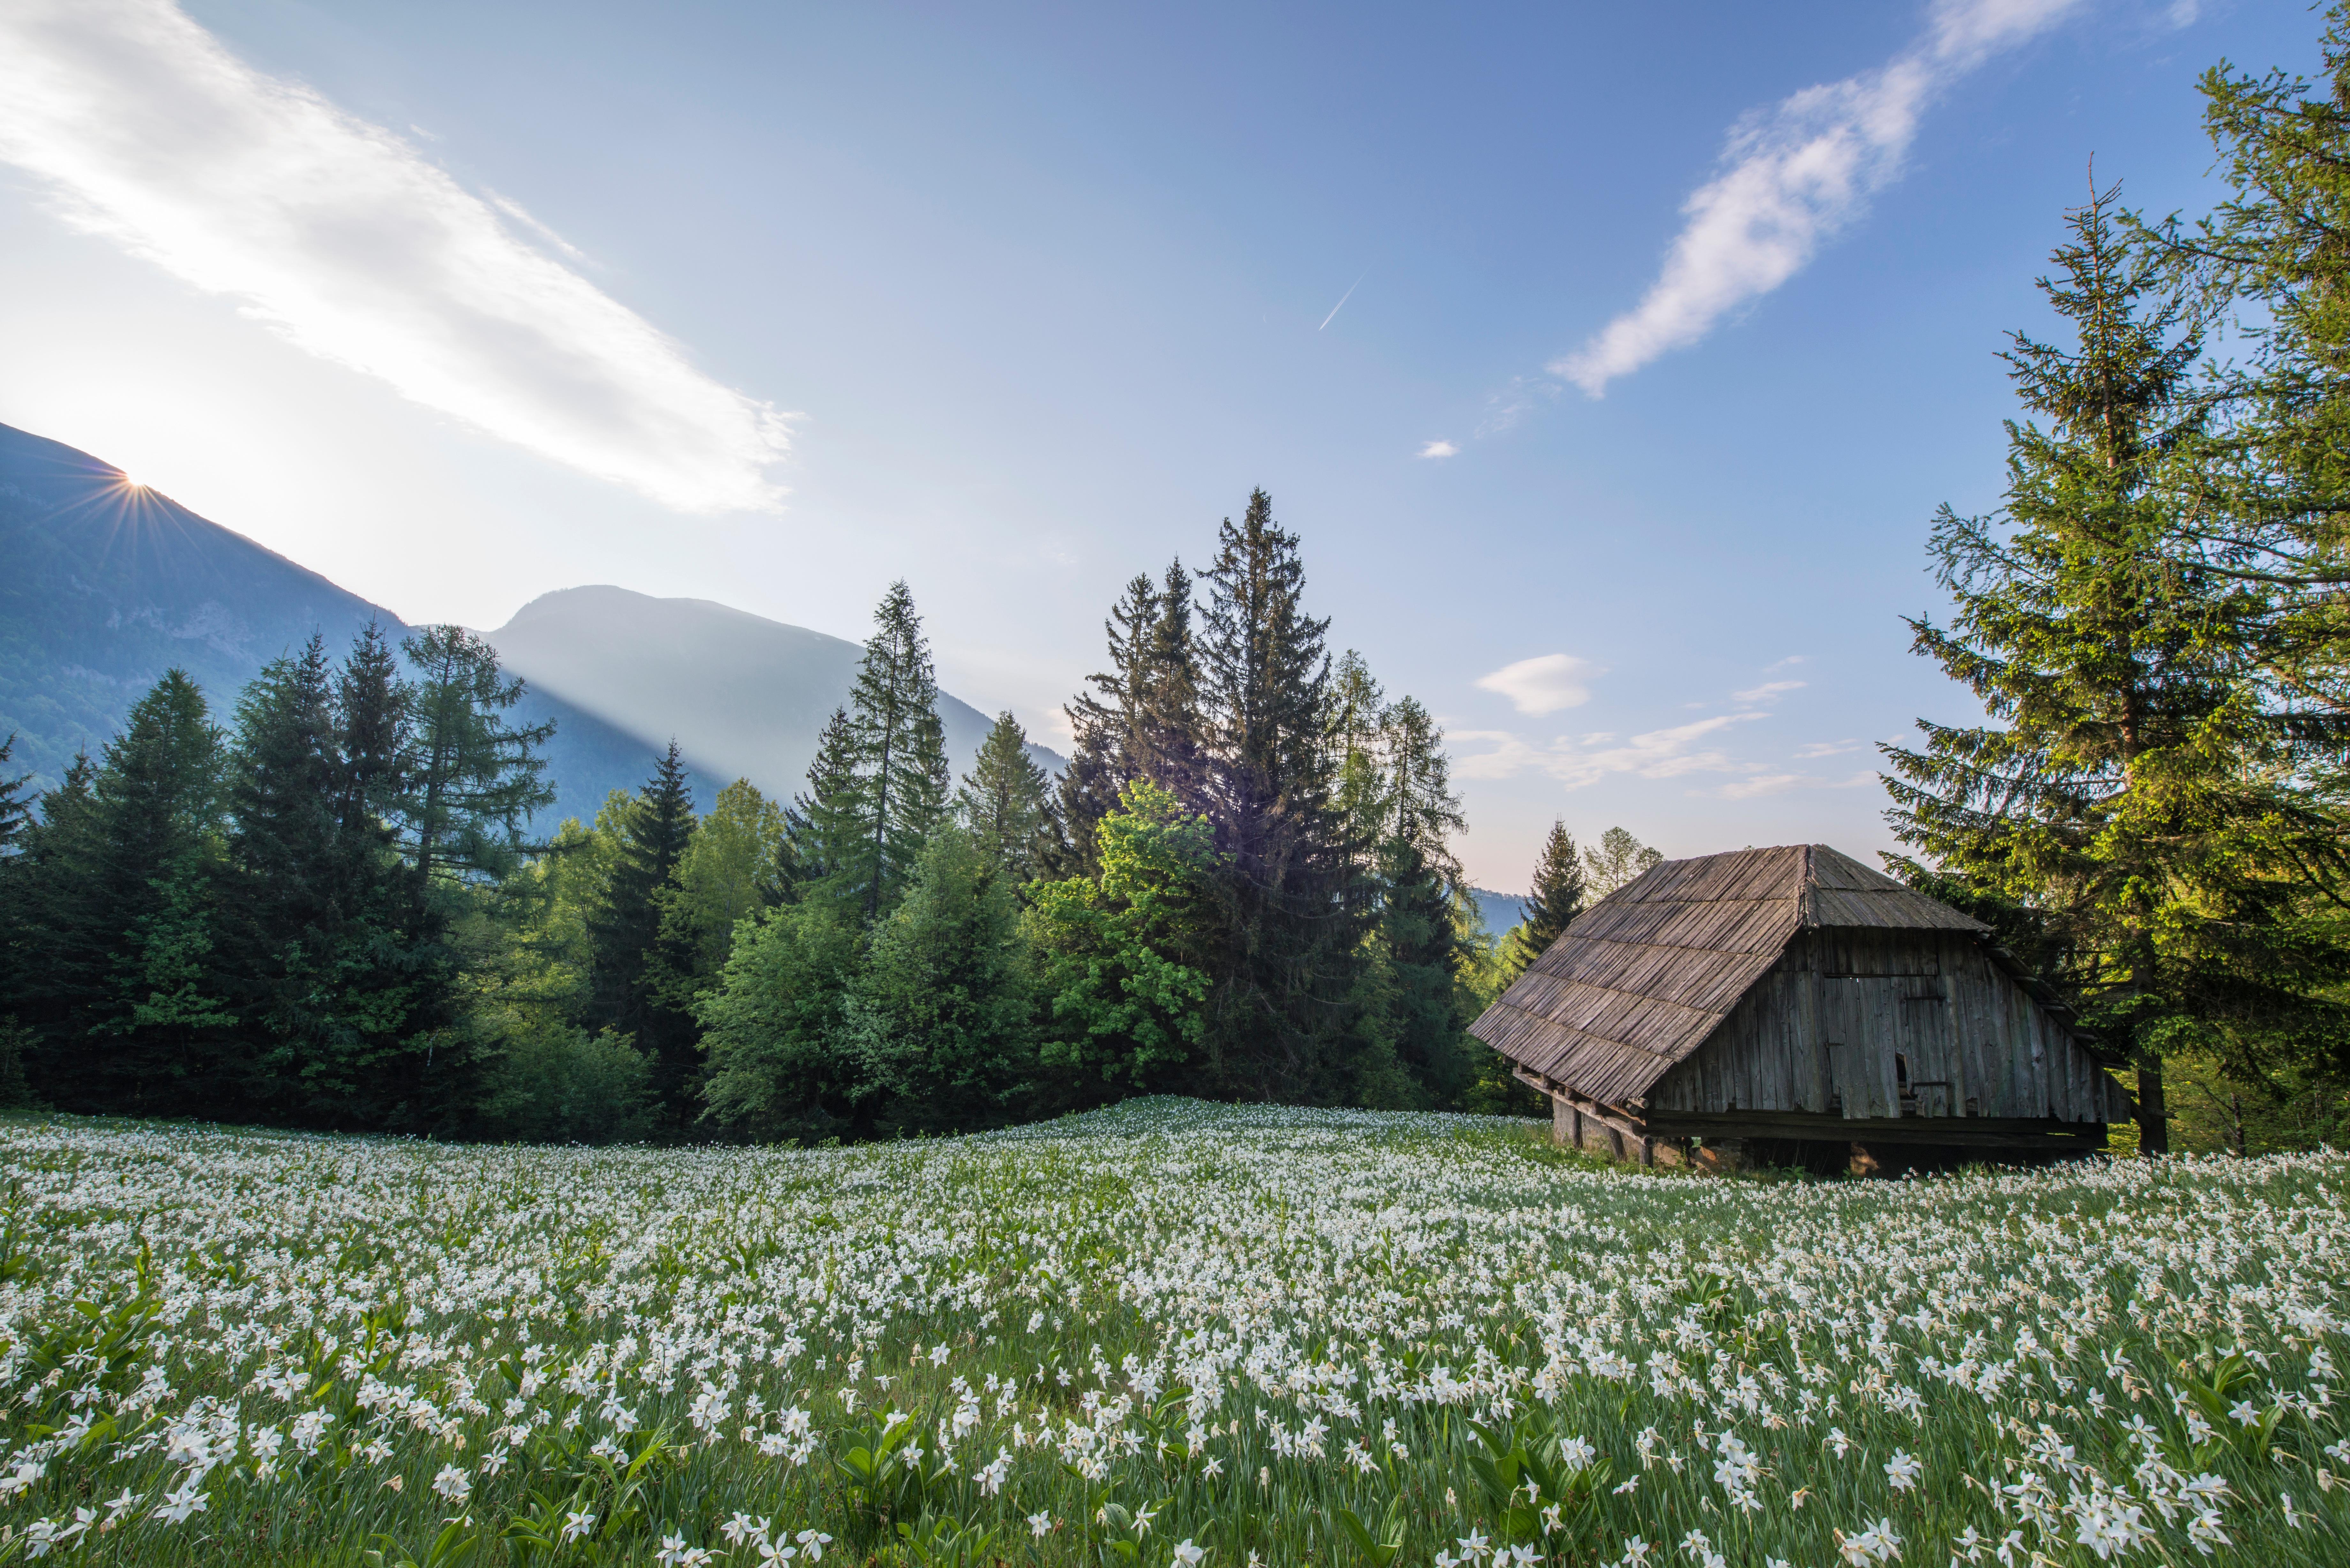 песни новой красивые картинки с деревенской природой и домами стал после